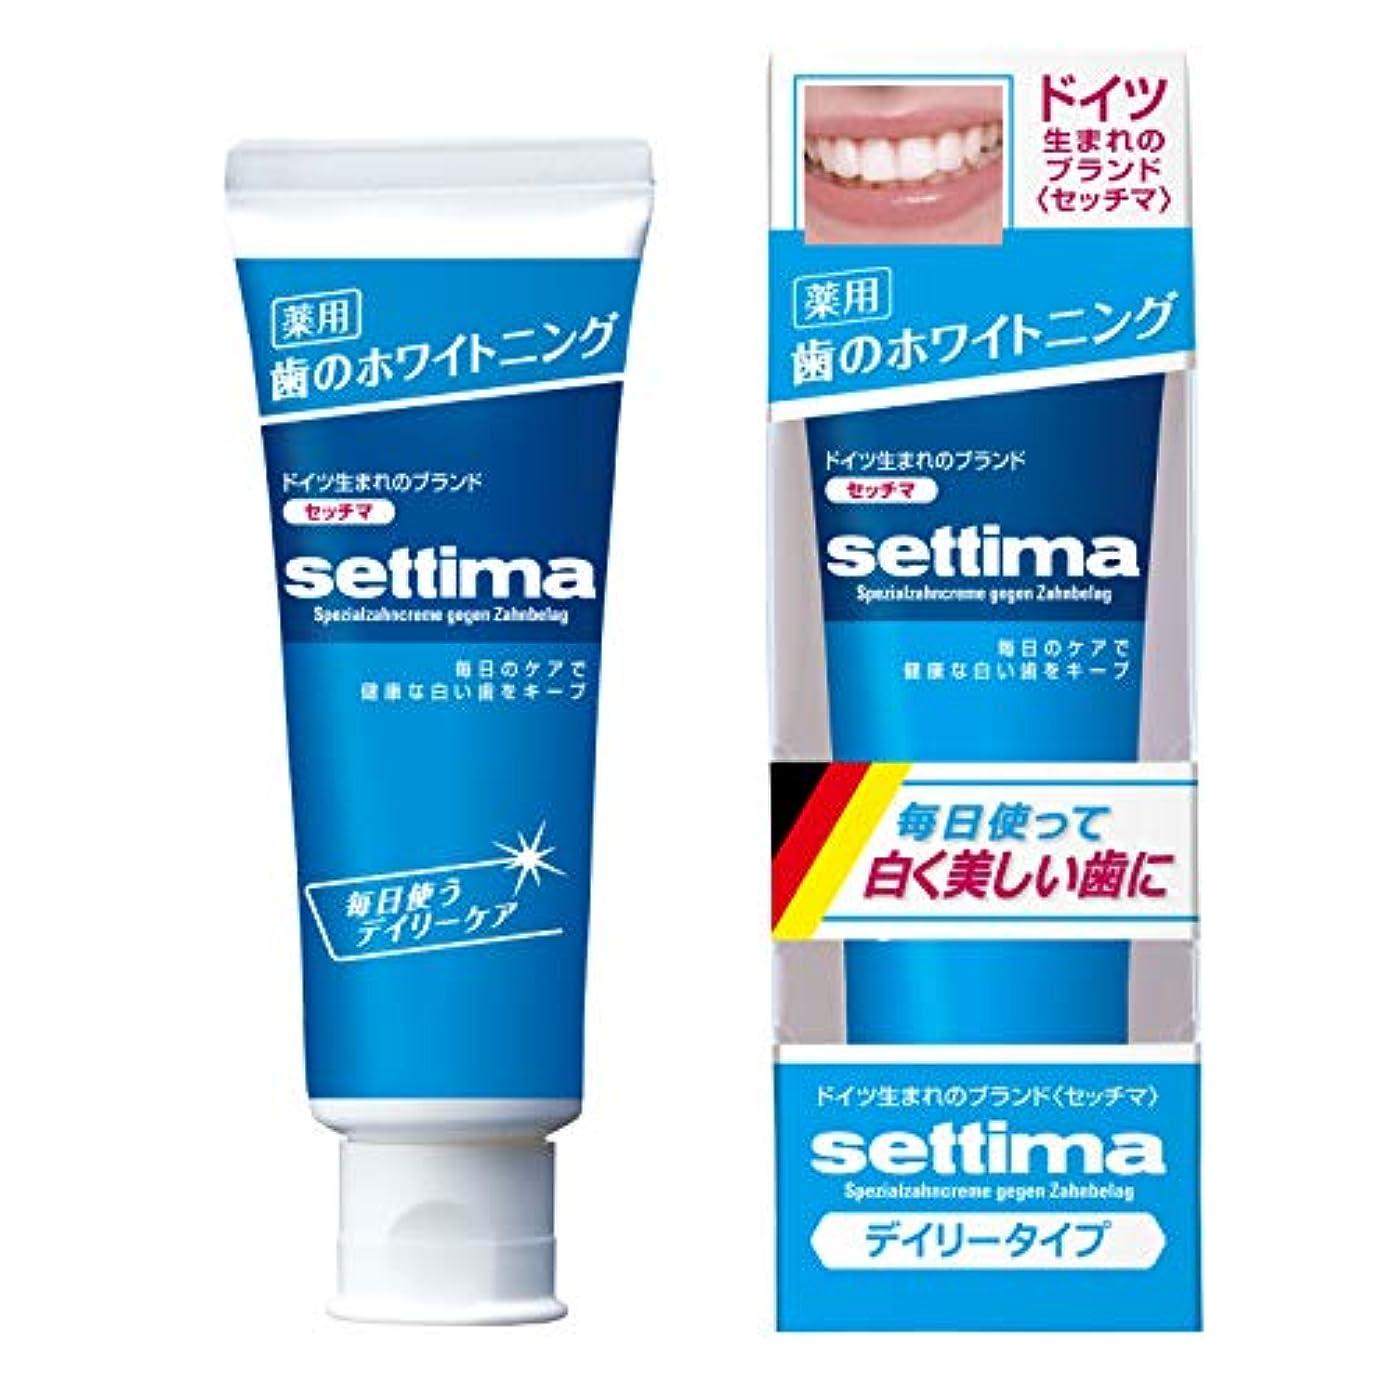 ネックレットブランド名[医薬部外品] settima(セッチマ) ホワイトニング 歯みがき デイリーケア [ファインミントタイプ] <ステインケア タバコのヤニ取り フッ素配合 虫歯予防> 80g